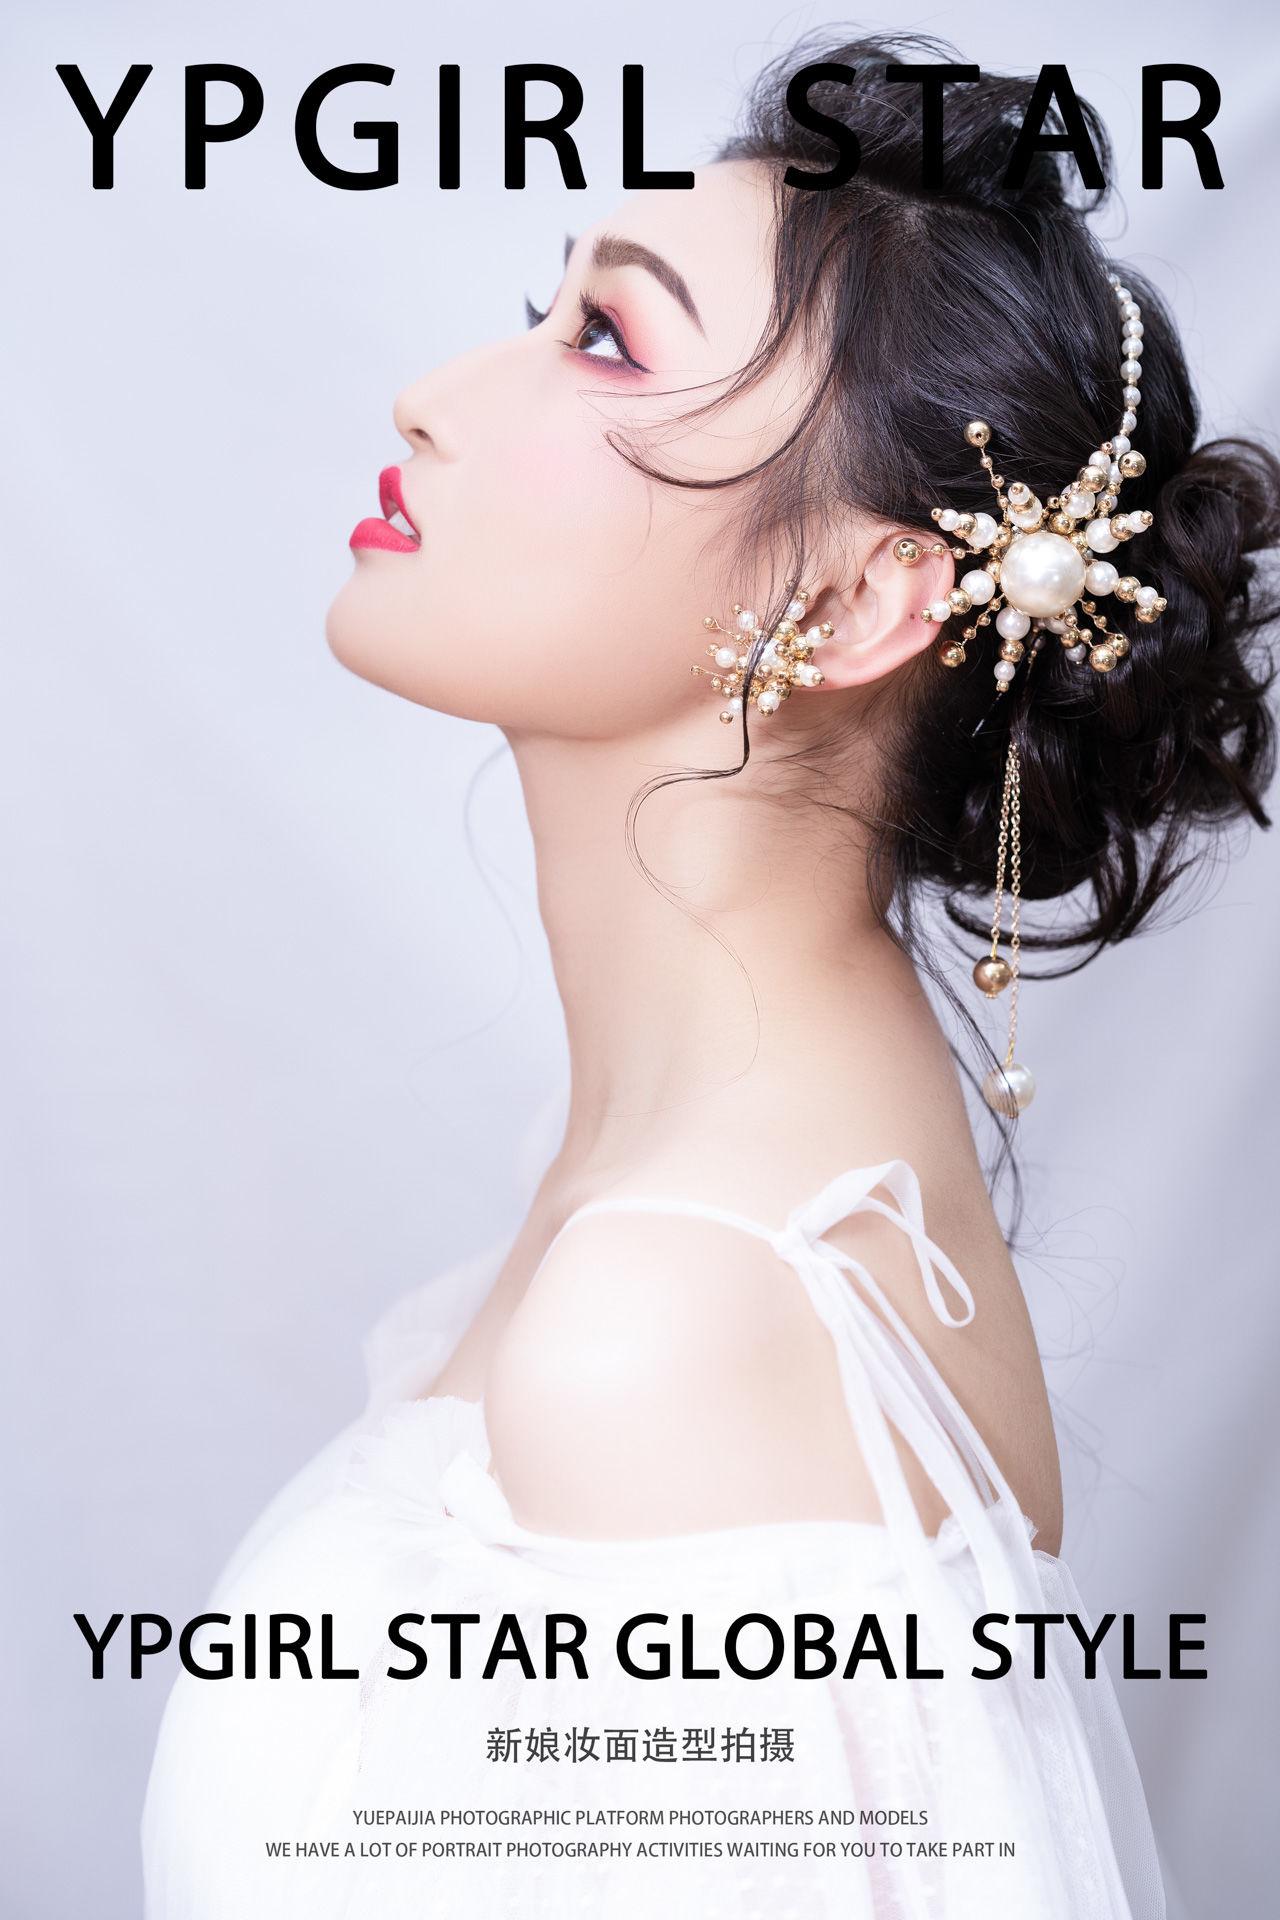 2019-06-26 新娘妆面拍摄_摄影师蒋俞欢的返片